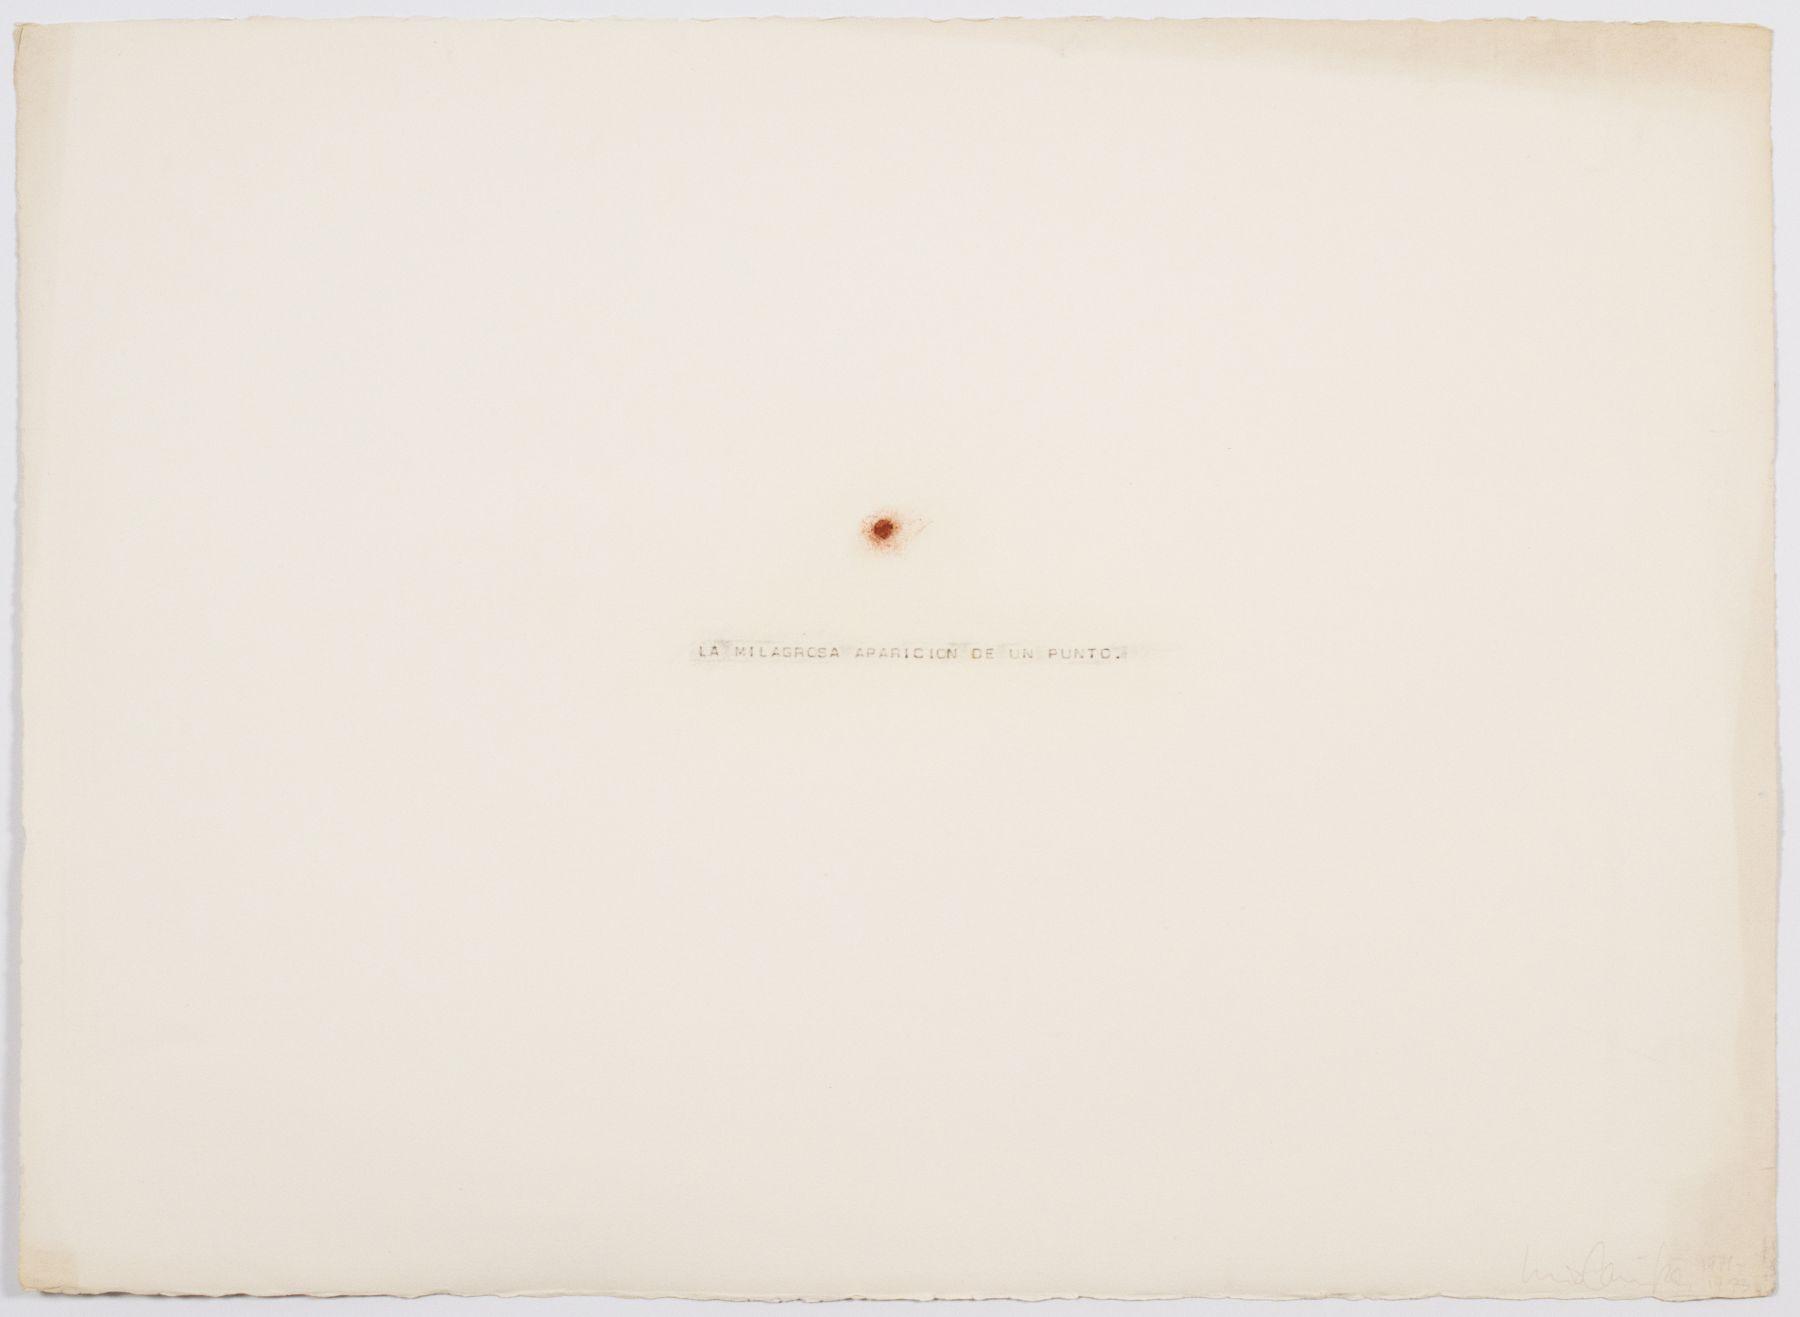 Luis Camnitzer, La Milagrosa Aparicion de un Punto, 1971-73